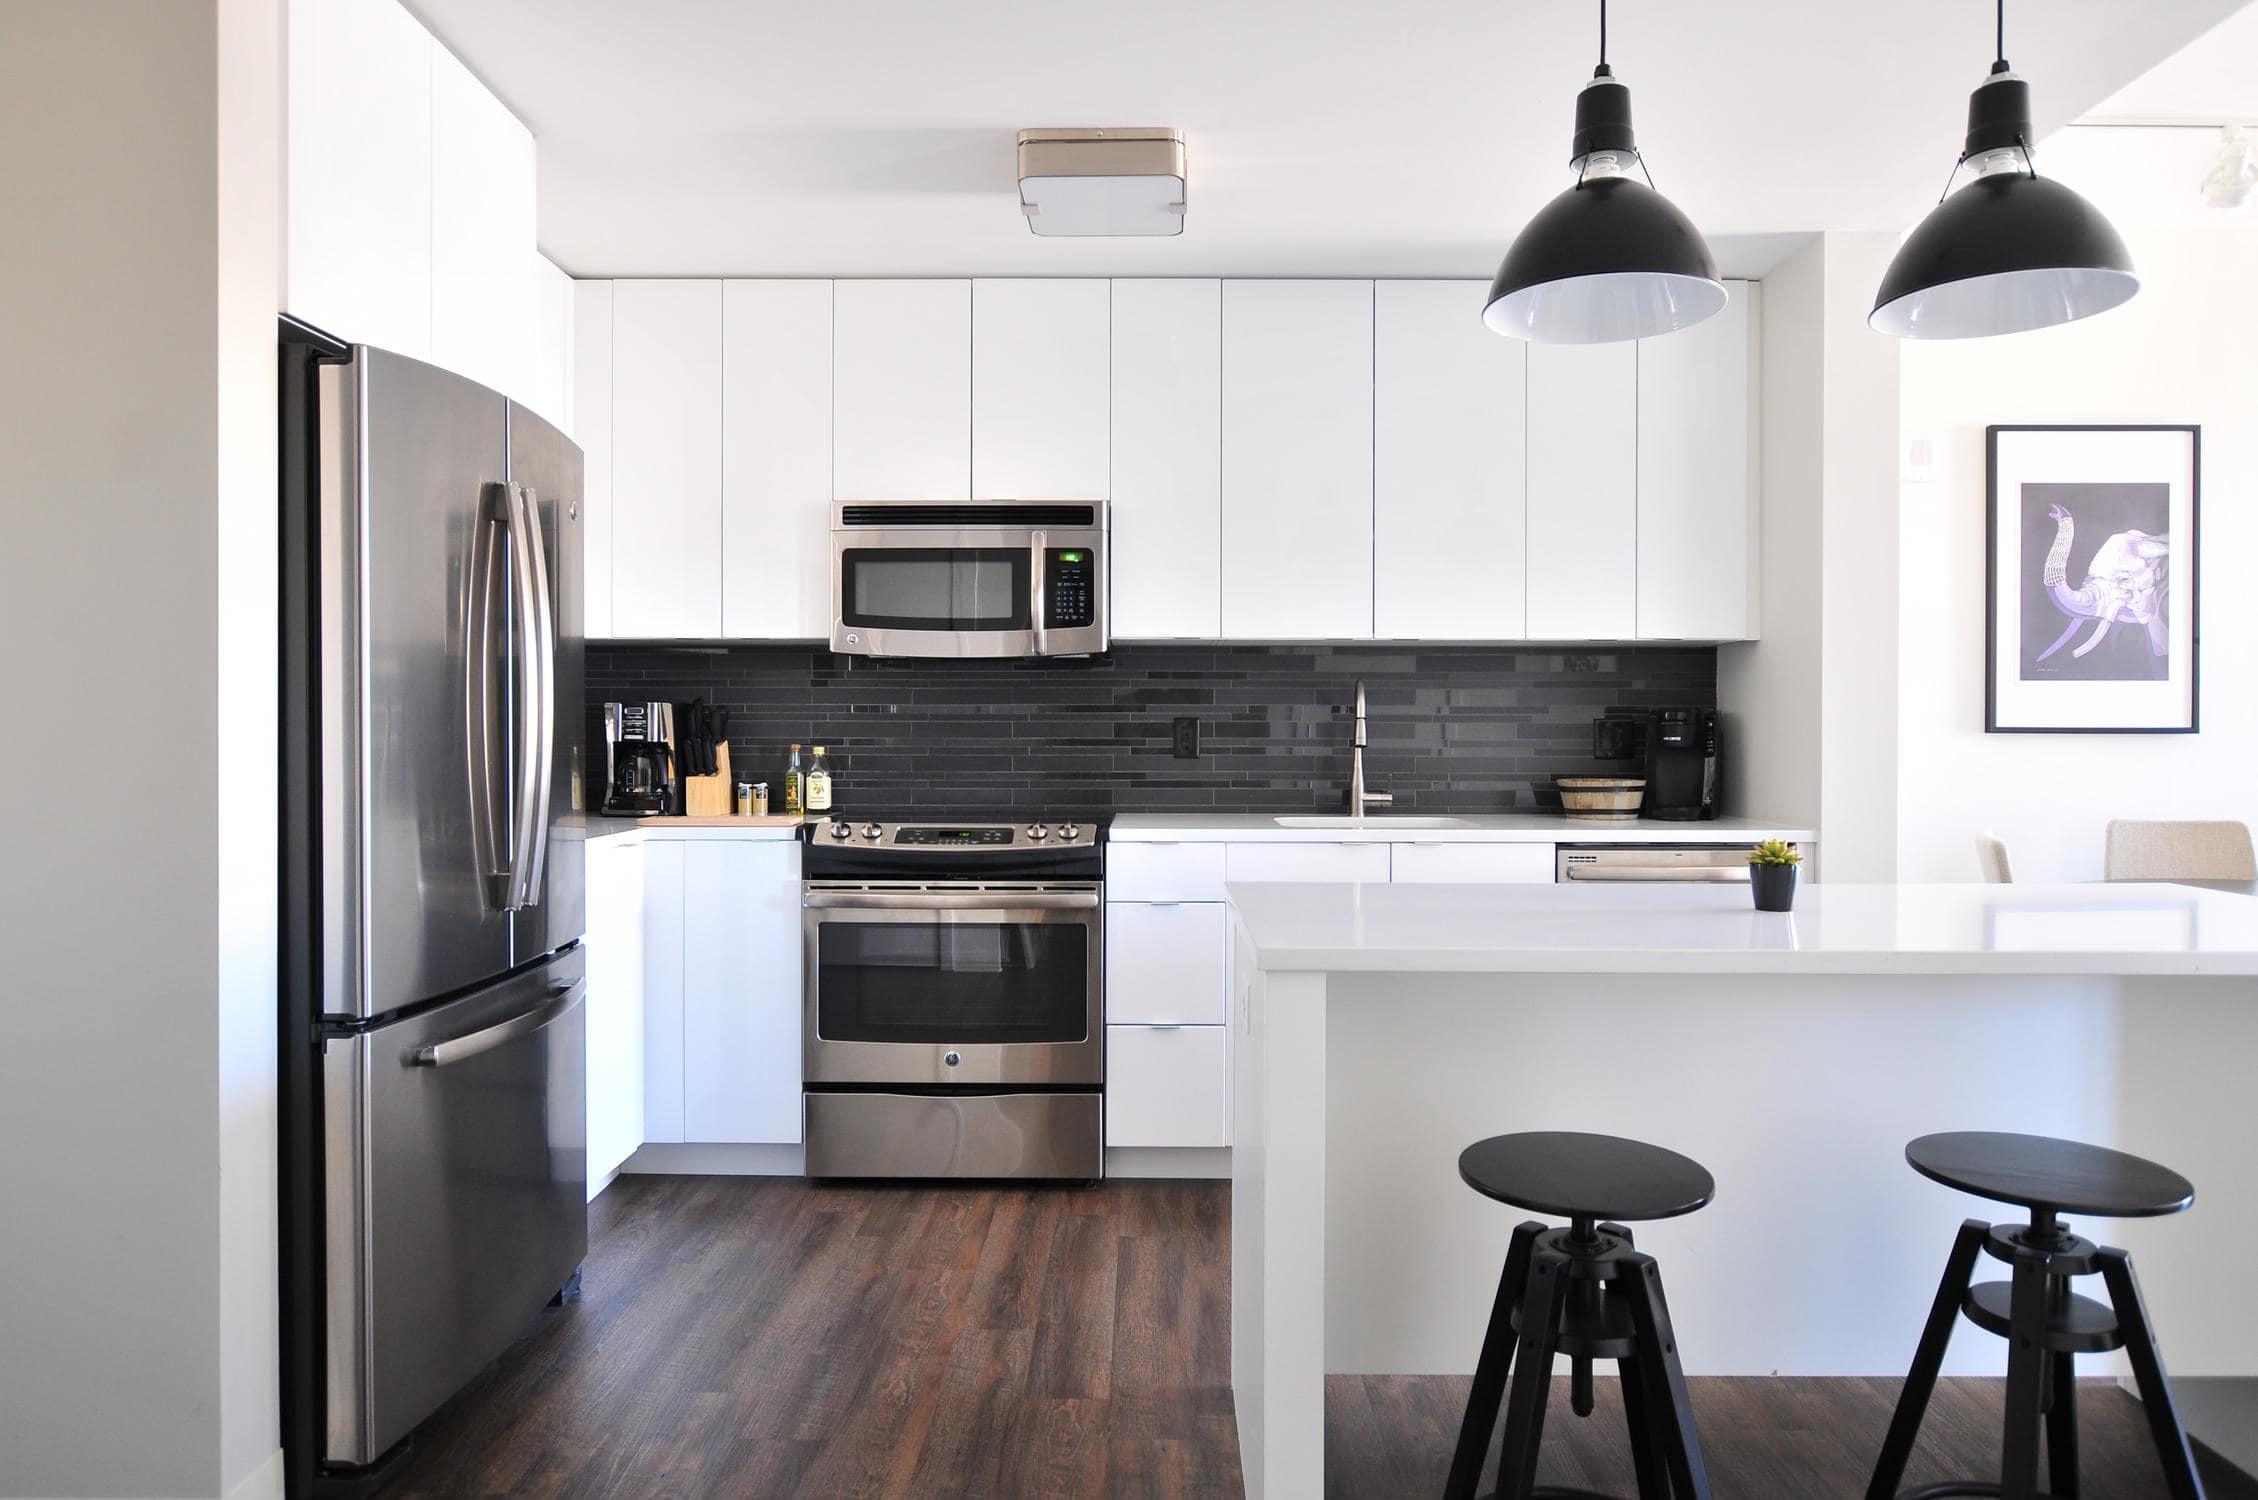 Mikrowelle in einer Küche